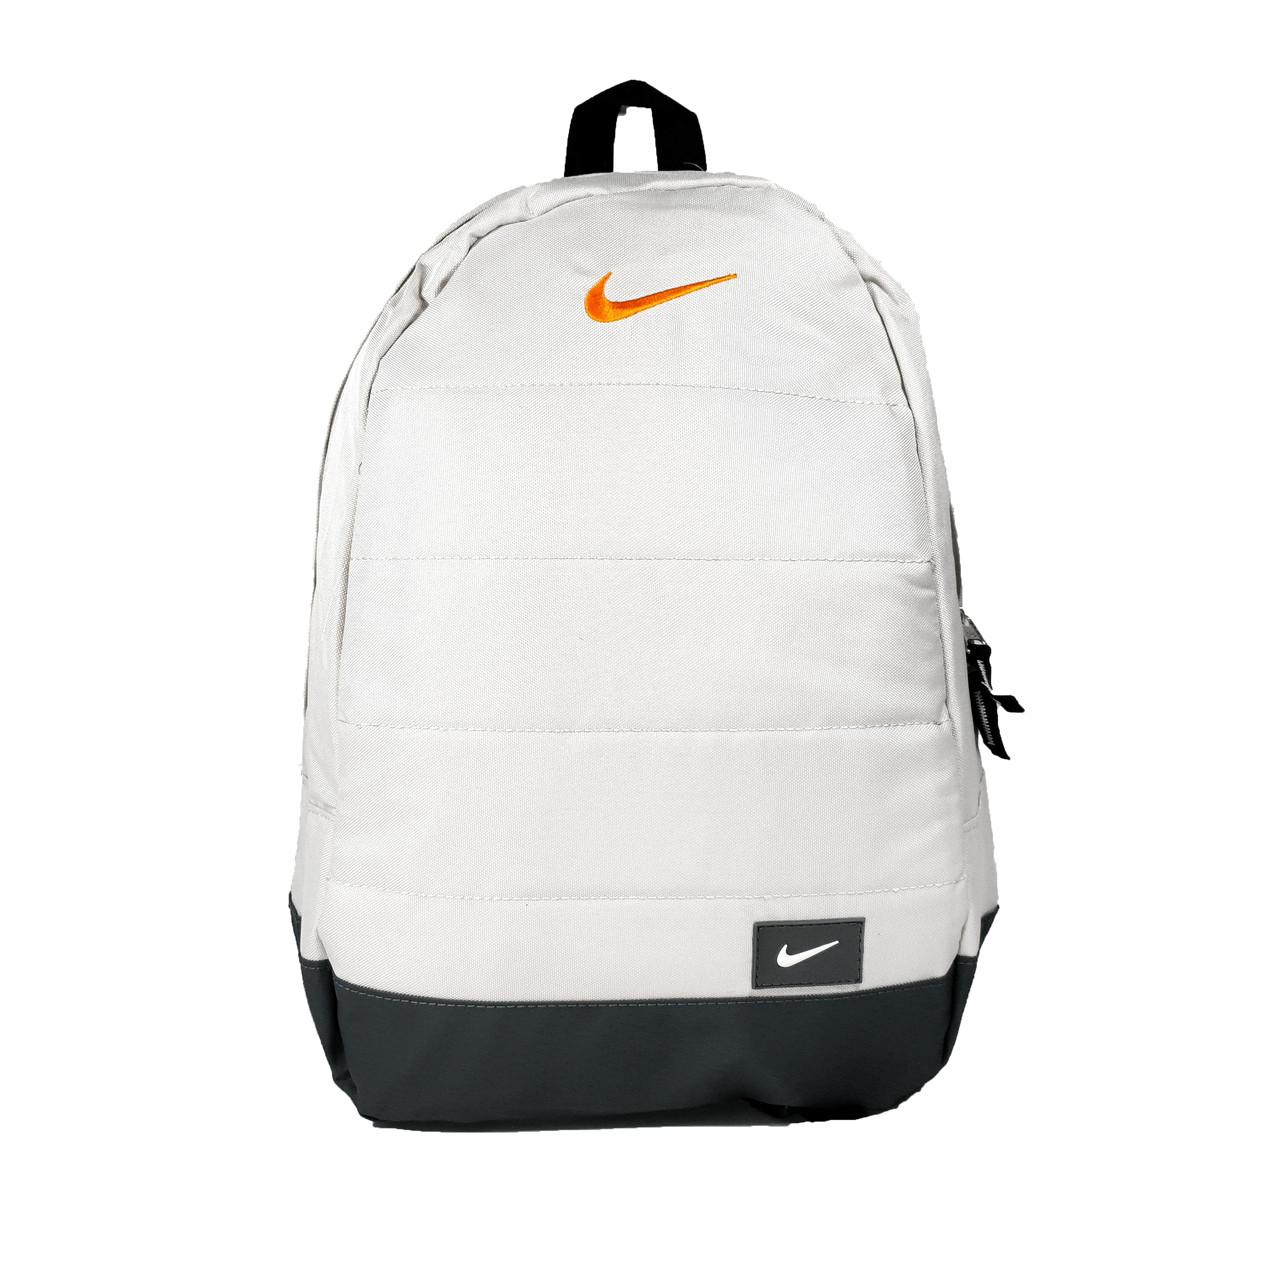 Белый спортивный рюкзак Nike с поясной поддержкой